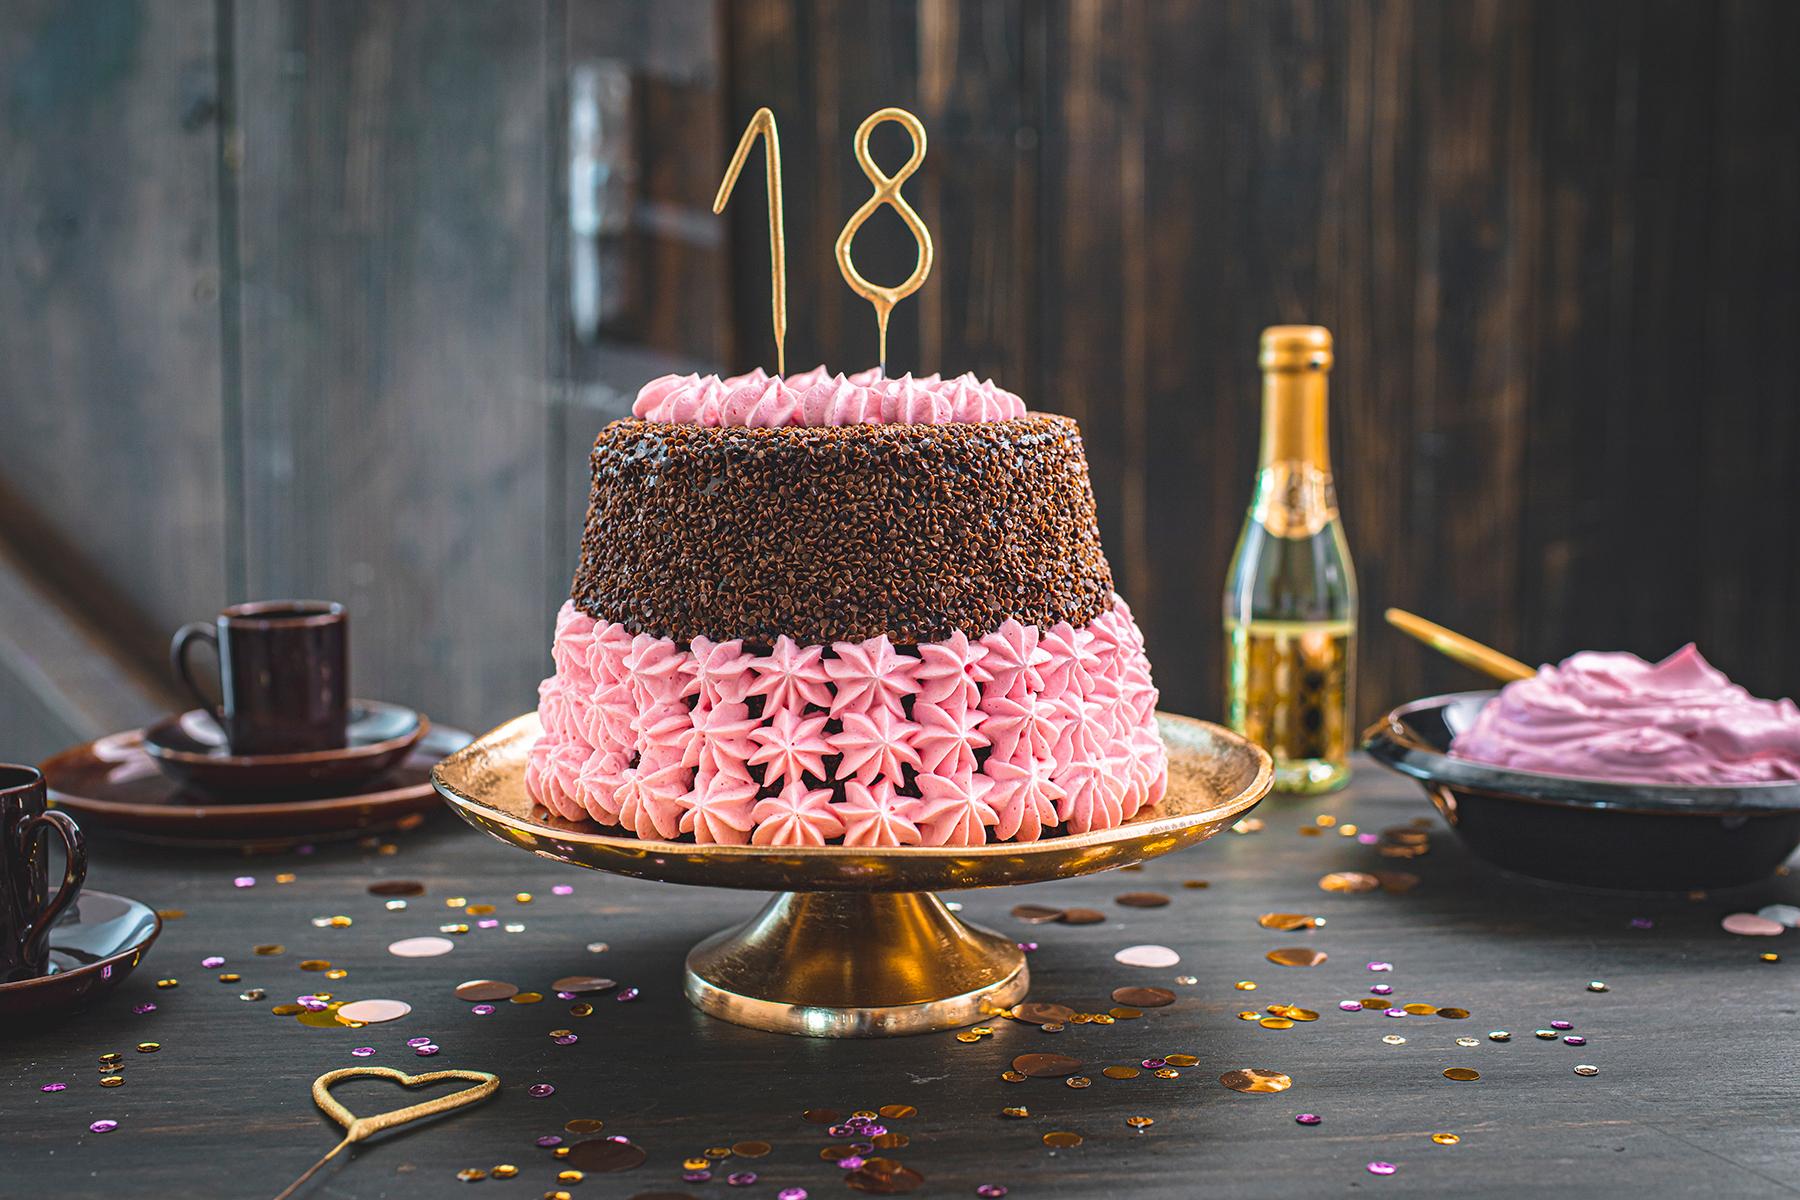 Torte Zum 18. Geburtstag » Schokoladentorte Mit Wunderkerzen in Wunderkerzen Für Torten